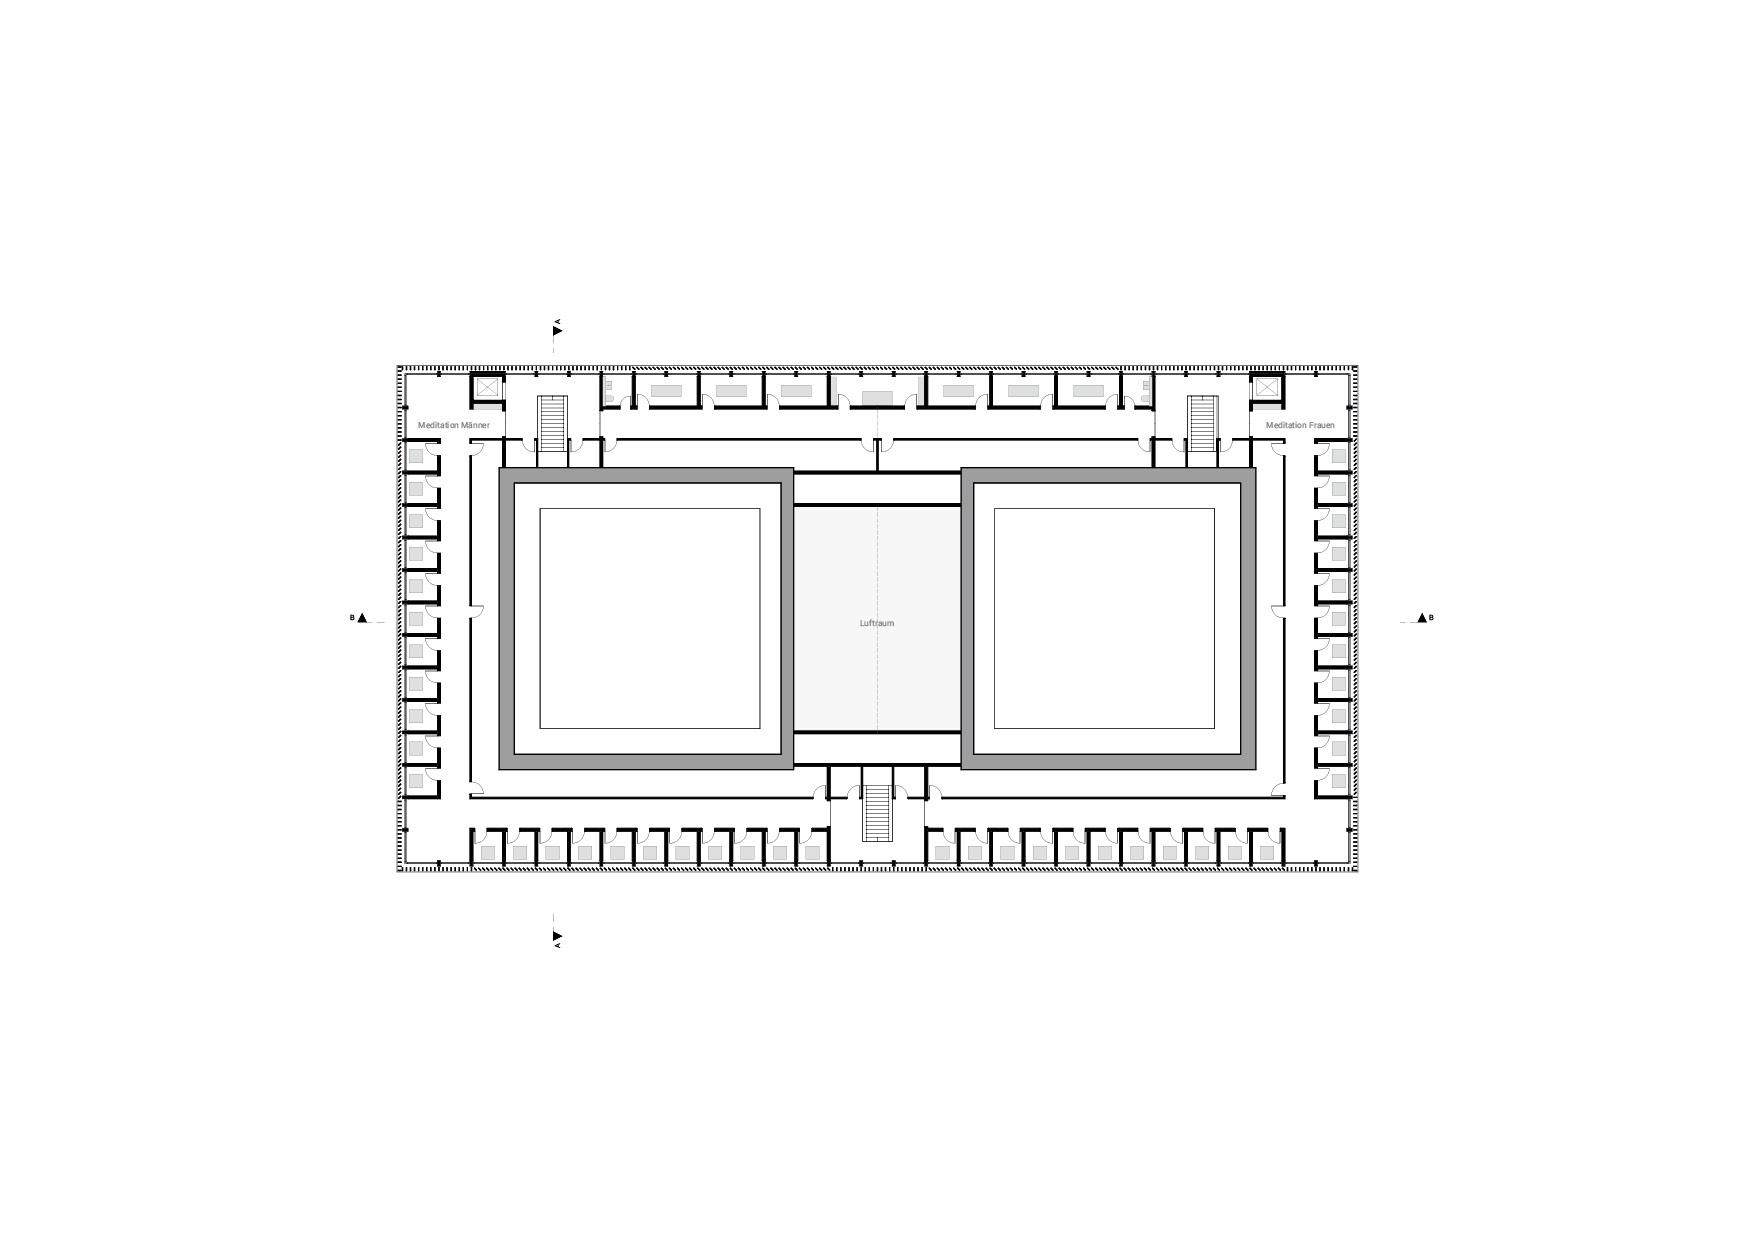 KUBIK Architektur - Studio für Architektur Berlin - architecture - Projekt - Meditationszentrum - Dachgeschoss